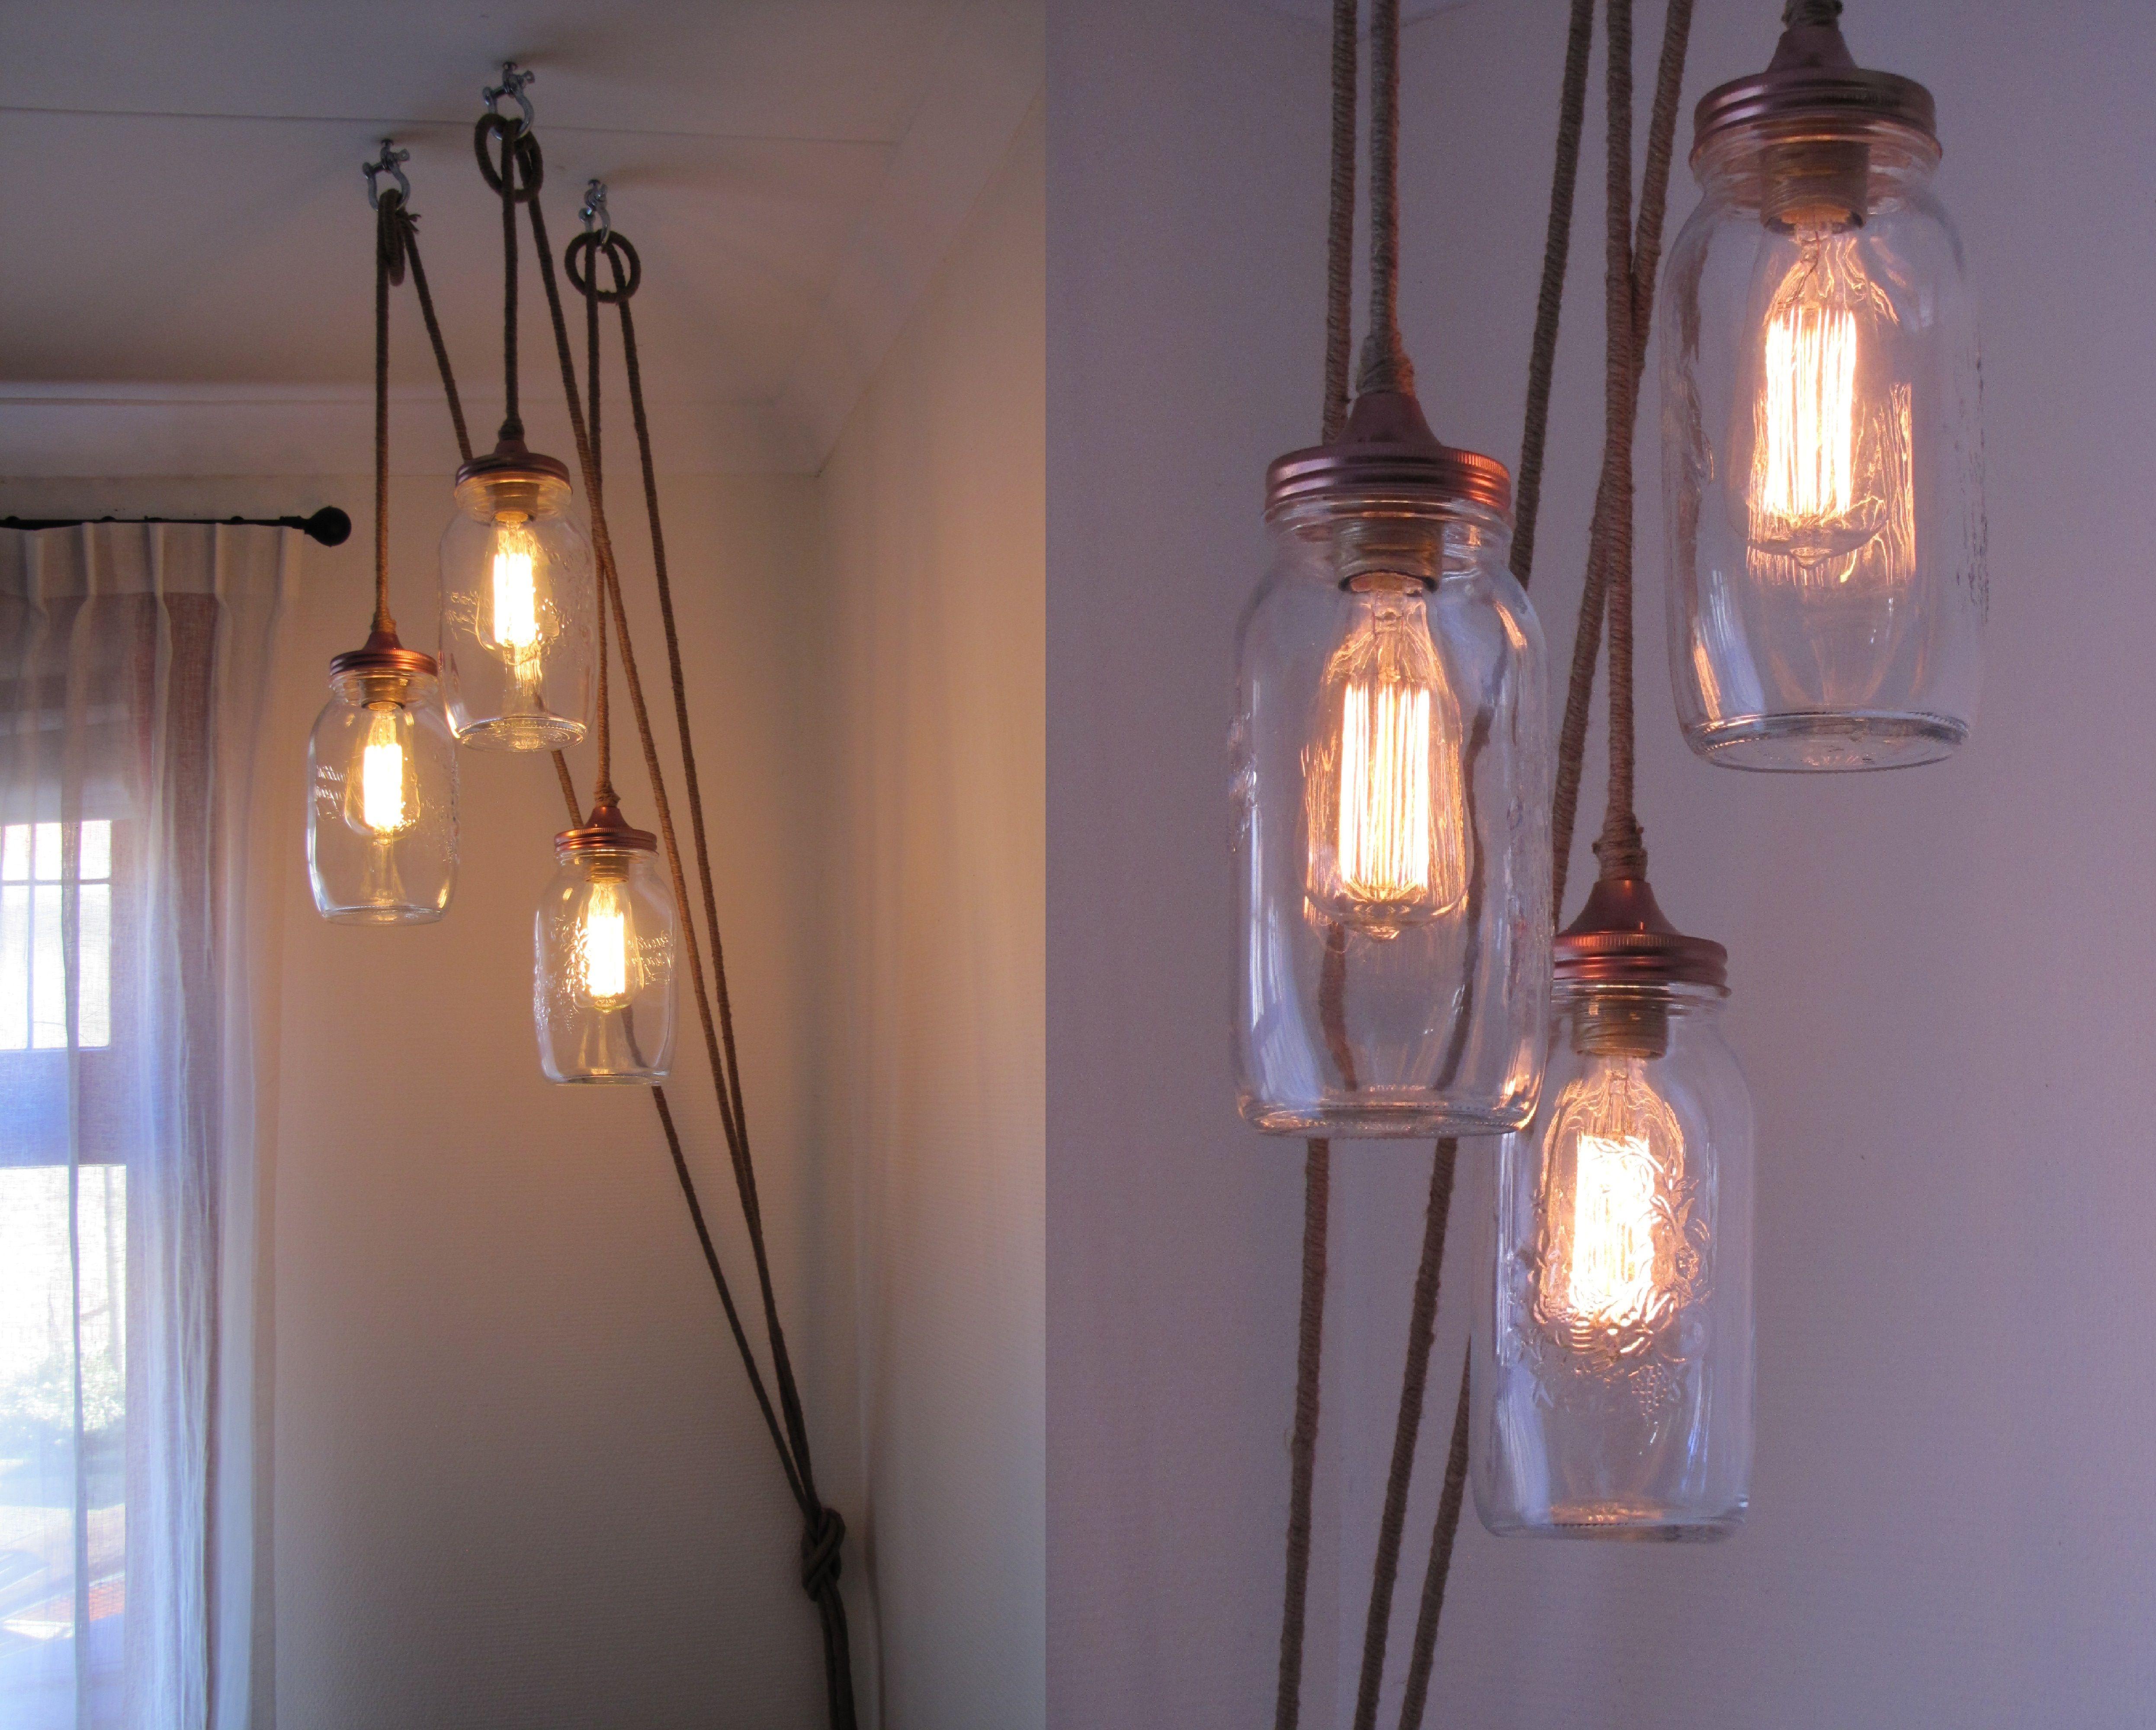 Klassieke Kooldraad Lamp In Glazen Potten Aan Snoer Met Grof Jute Touw Er Omheen Gedraaid Lampen Tafellamp Touw Lamp